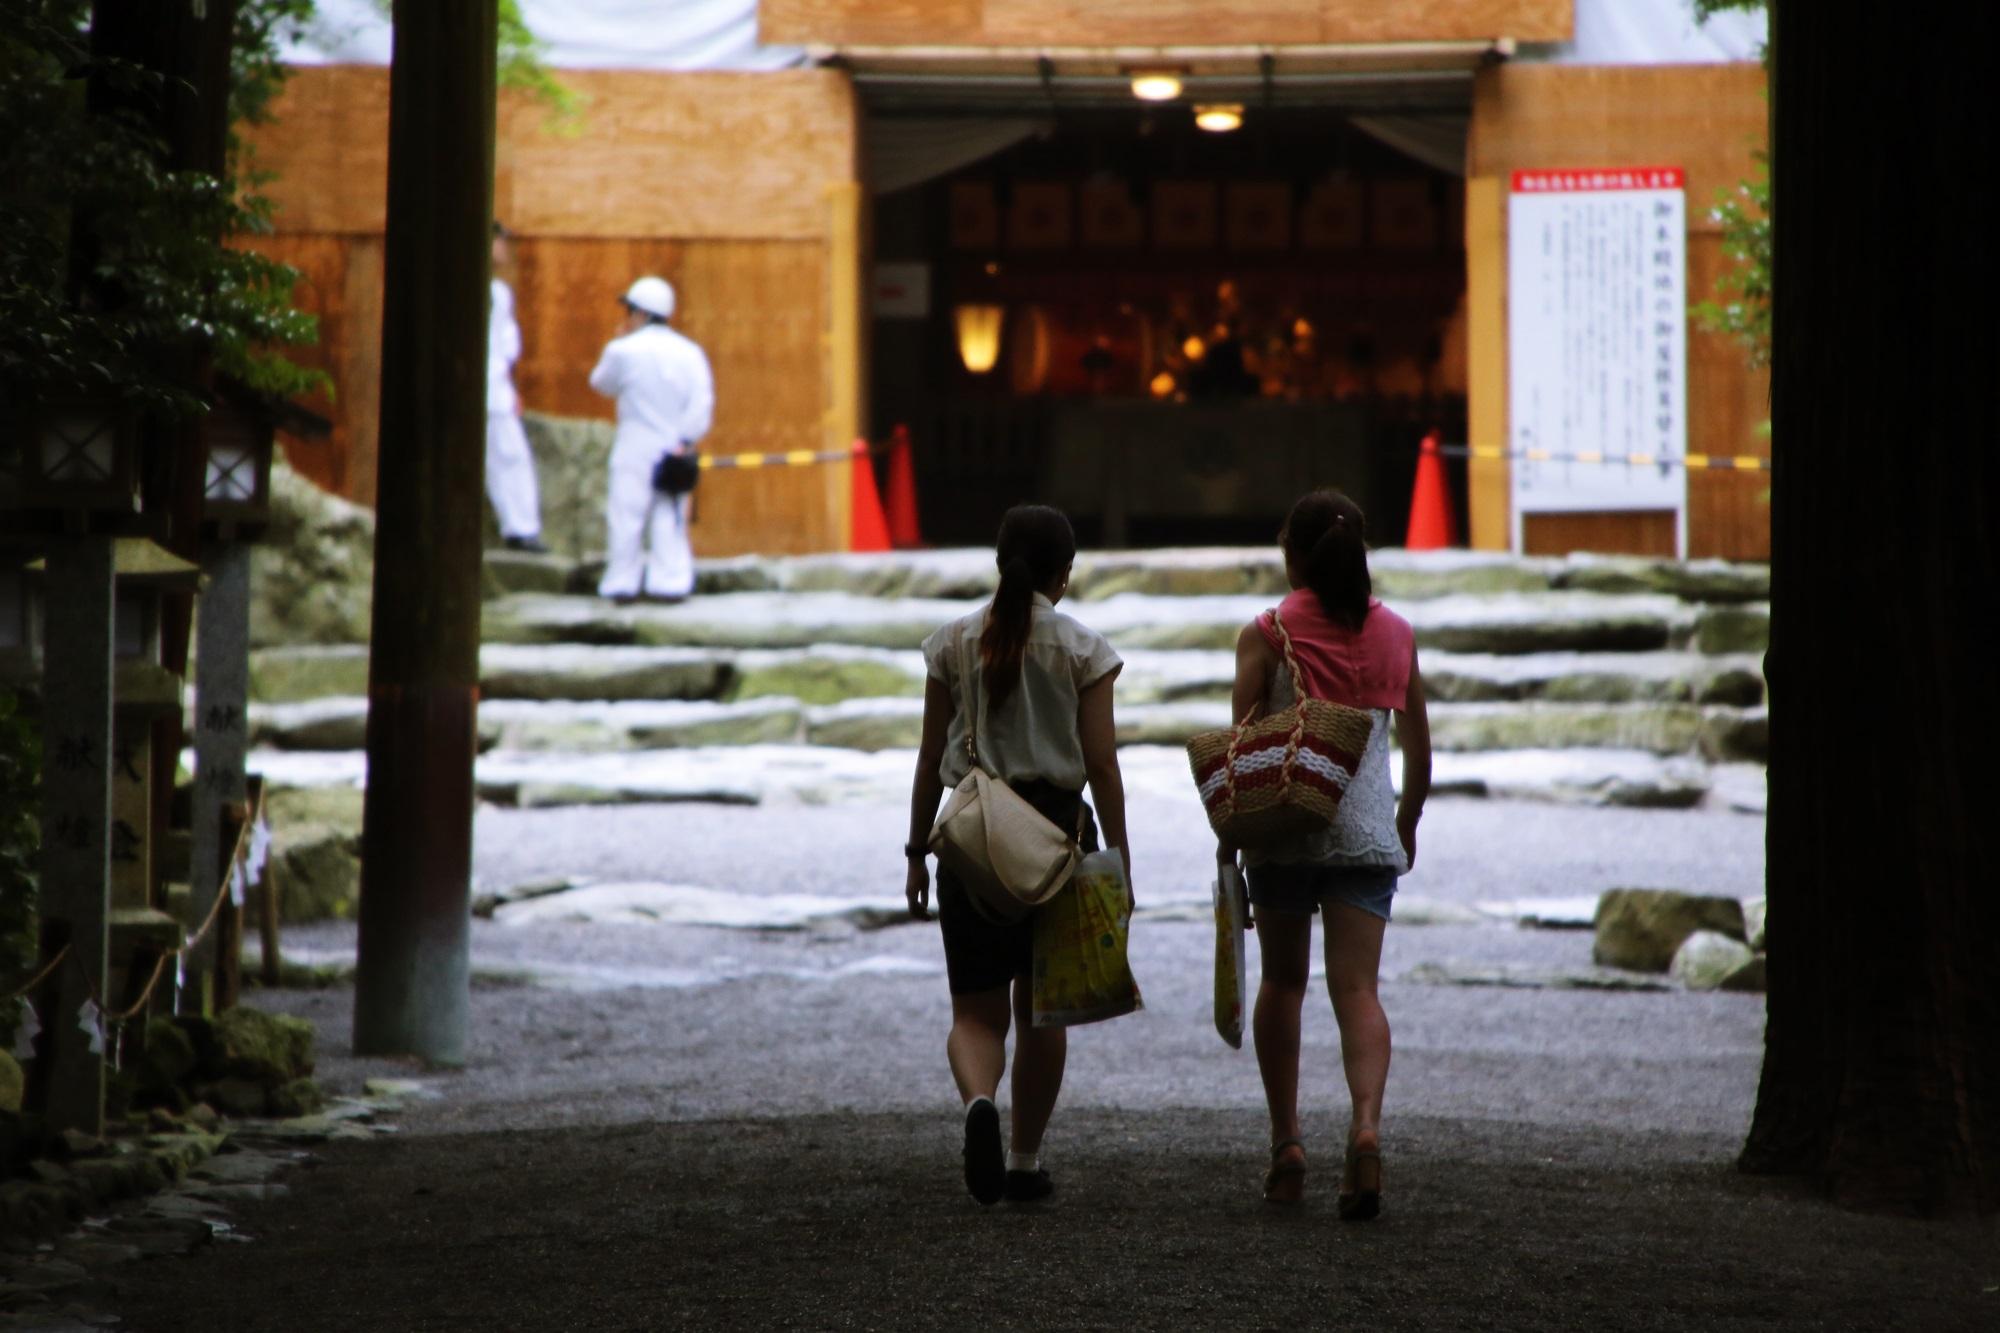 椿大神社 (つばきおおかみやしろ) tsubakiookamiyashiro (19)